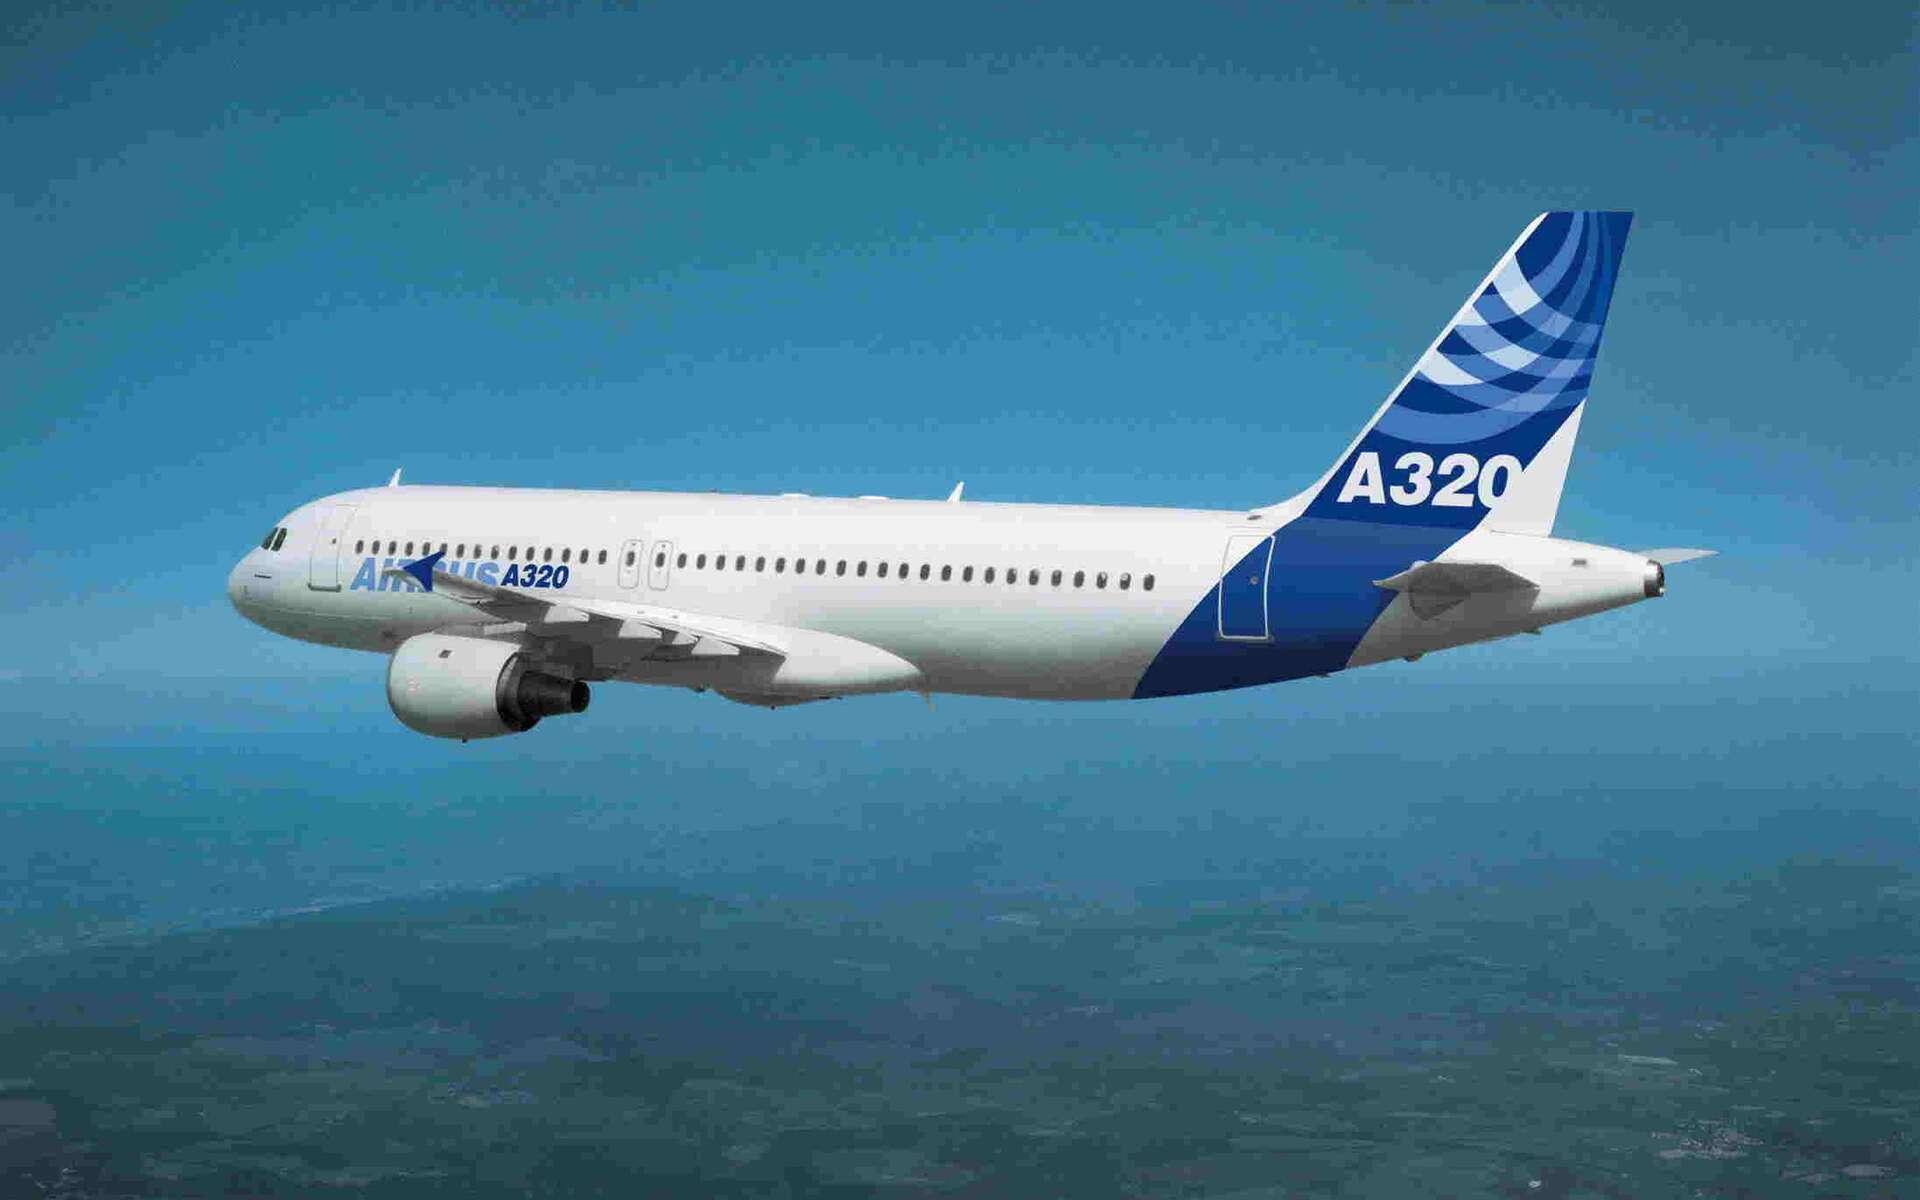 L'Airbus A320, un biréacteur moyen courrier, vendu à plus de trois mille exemplaires. © Airbus